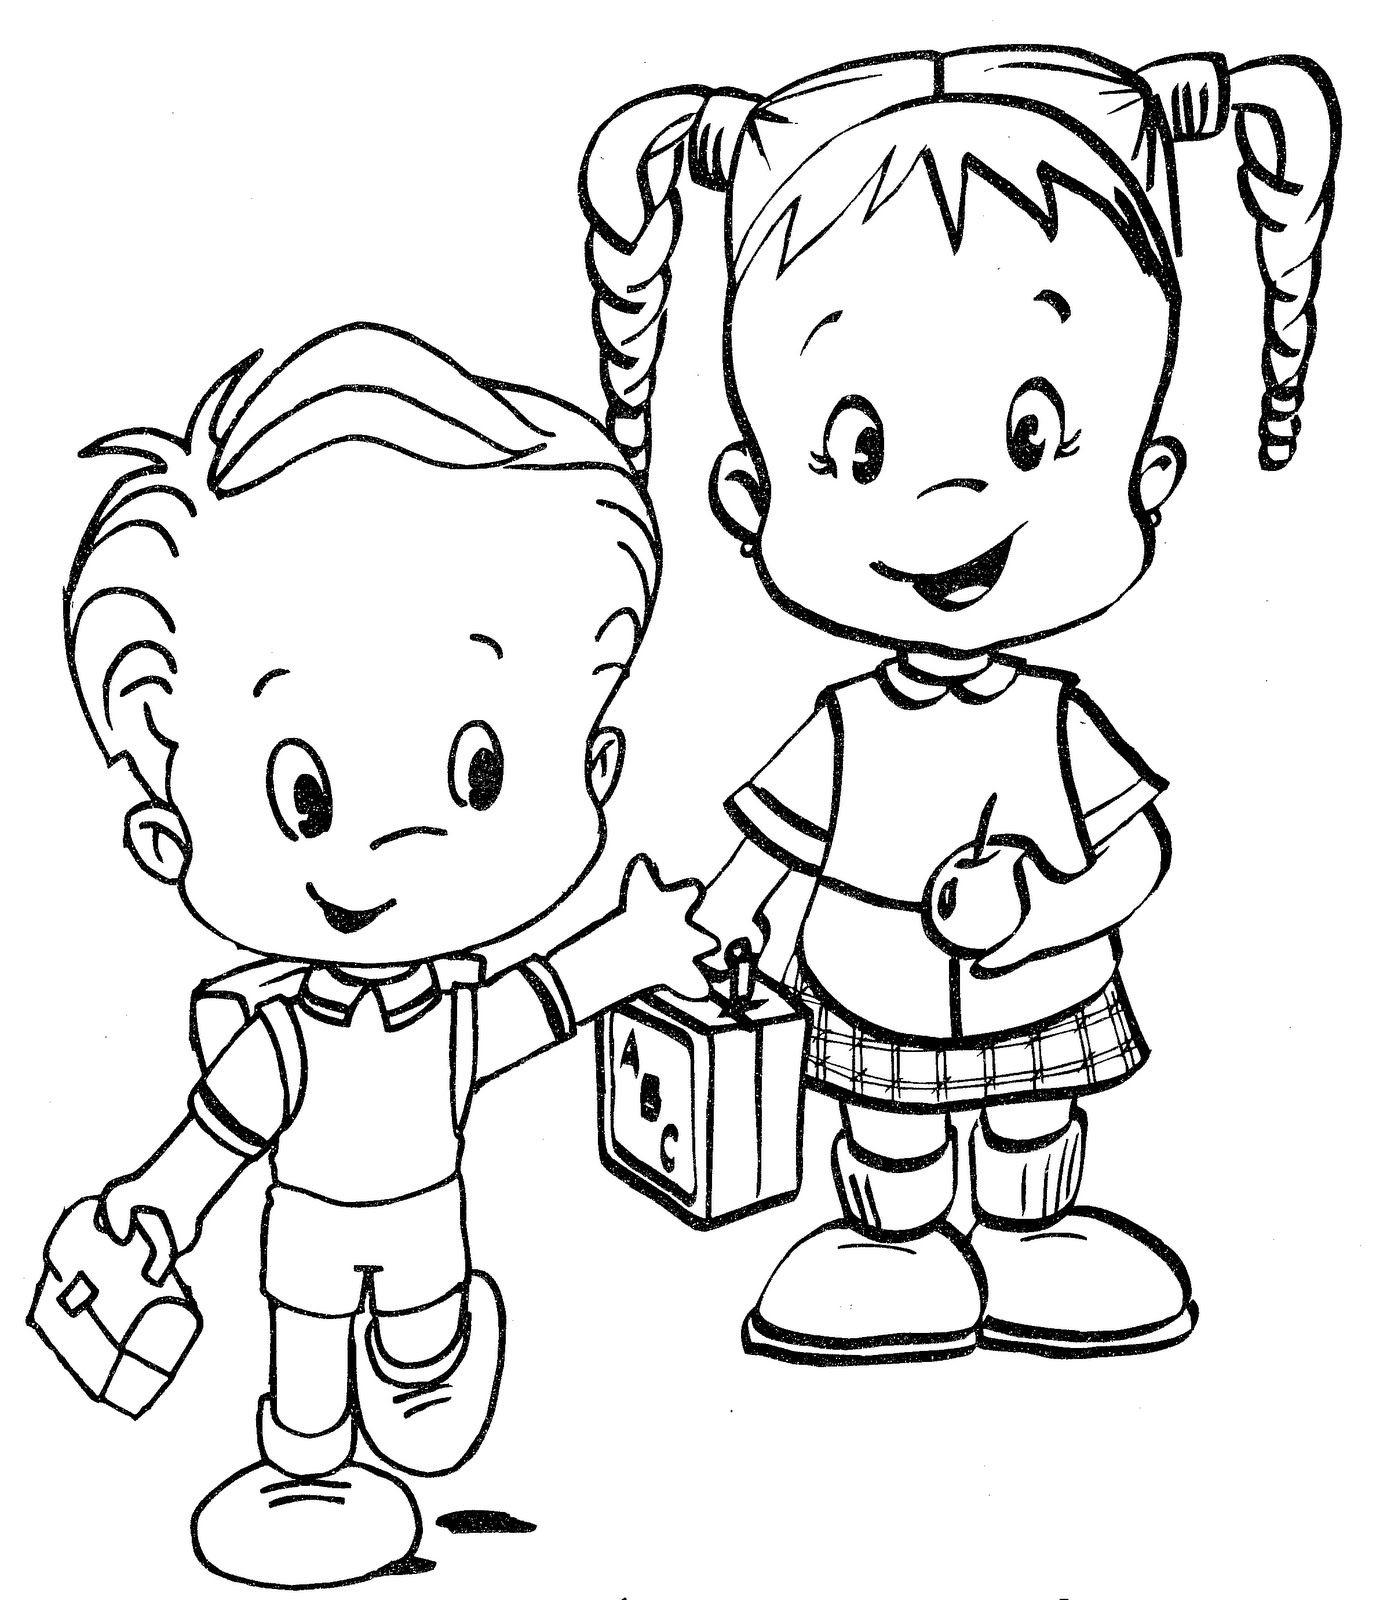 Coloring Pages Friendship Coloring Pages For Preschool bauzinho da web desenhos para colorir pintar e coloring pages january 2011